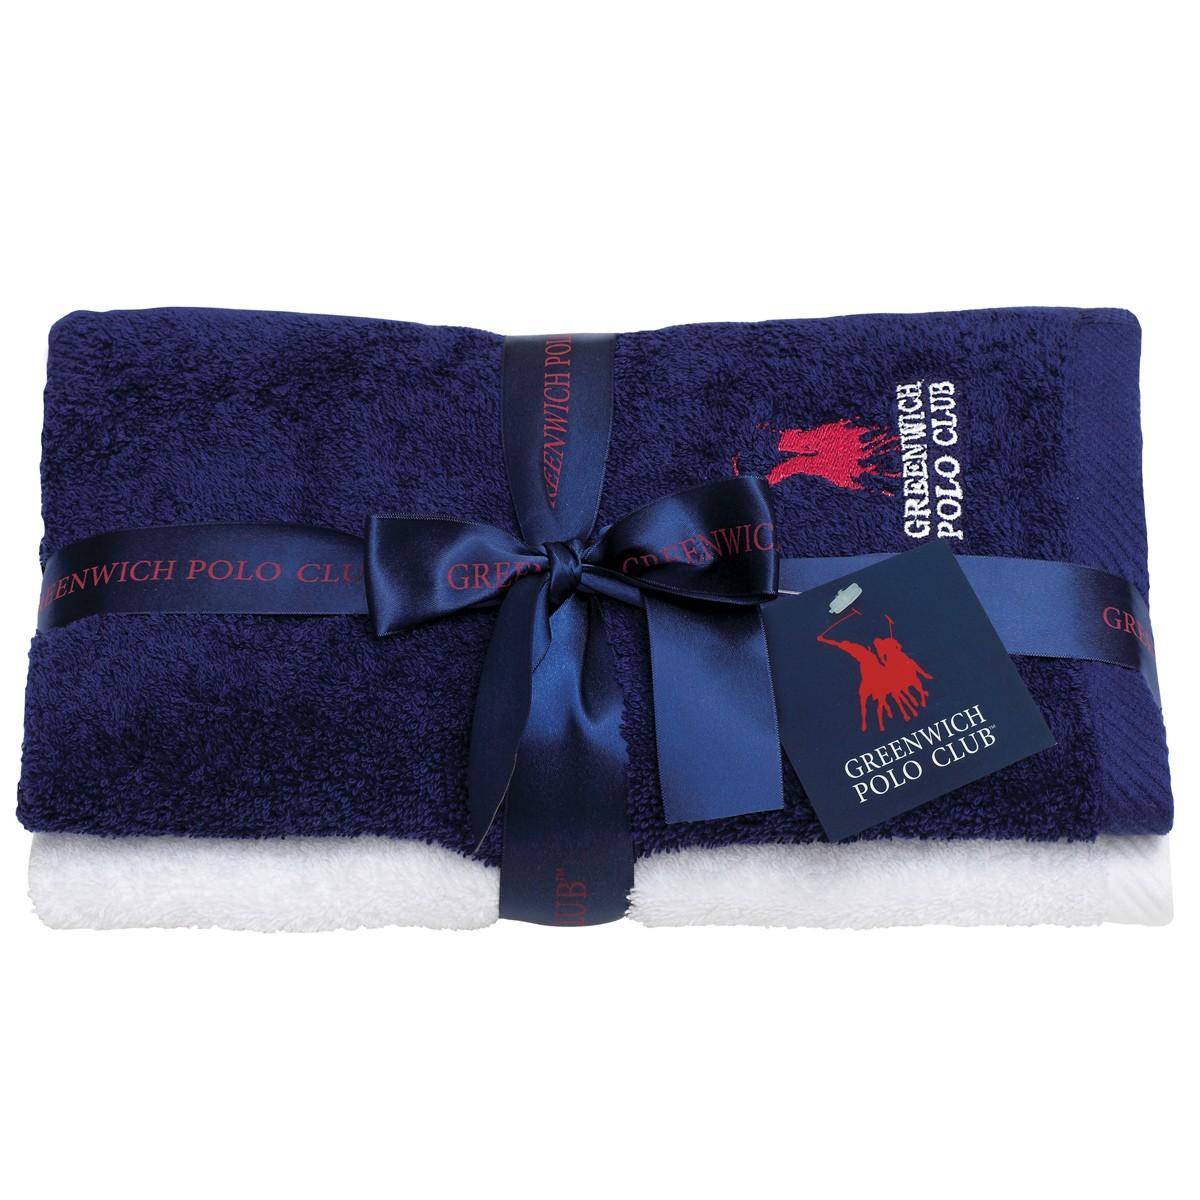 Πετσέτες Προσώπου (Σετ 2τμχ) Polo Club Essential 2507